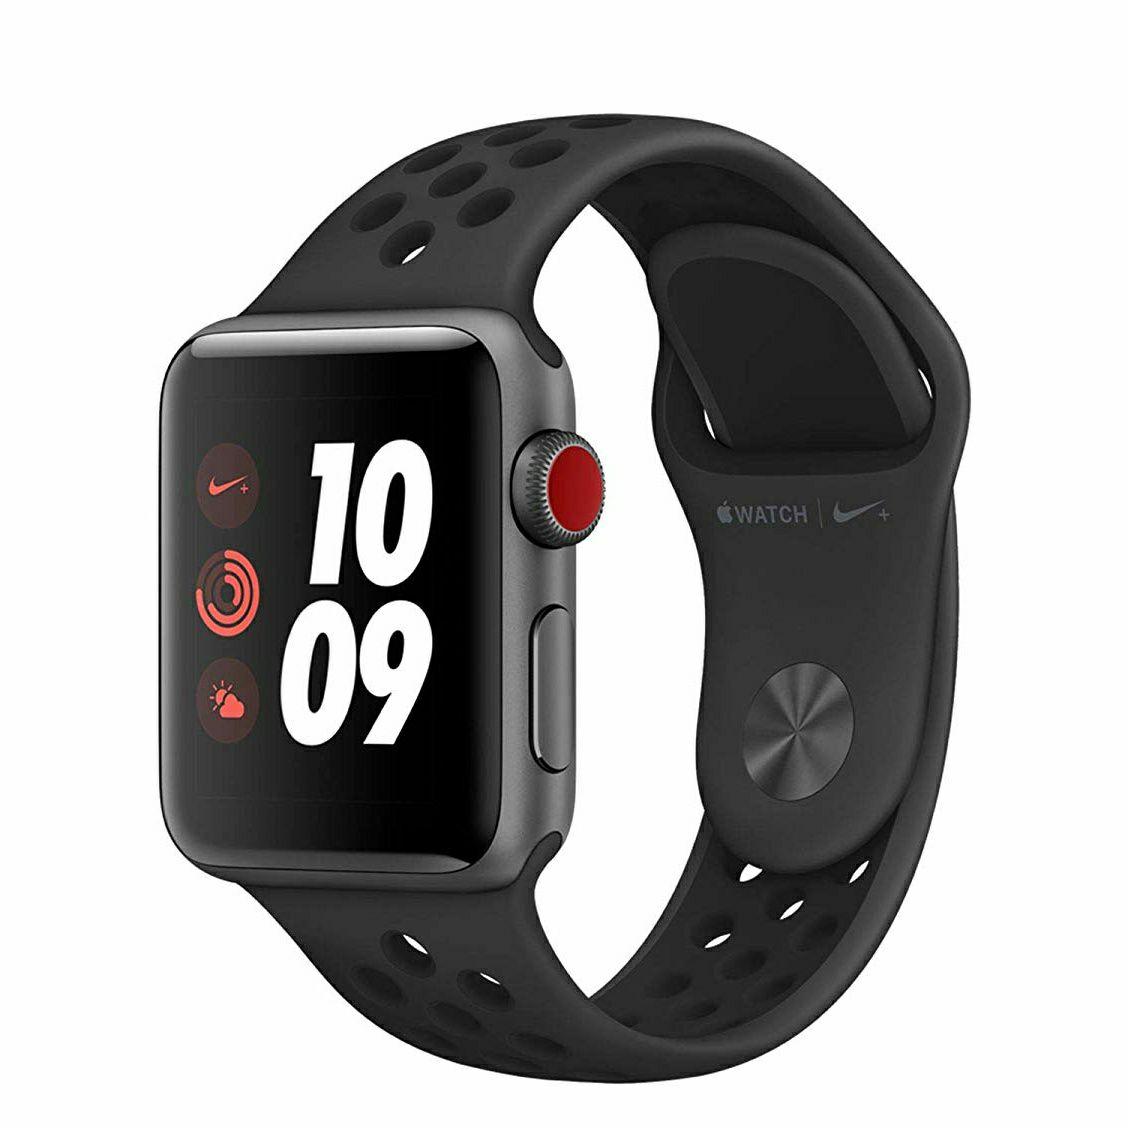 Apple Watch 3 Nike+ (GPS & Cell, 38mm, Alu)